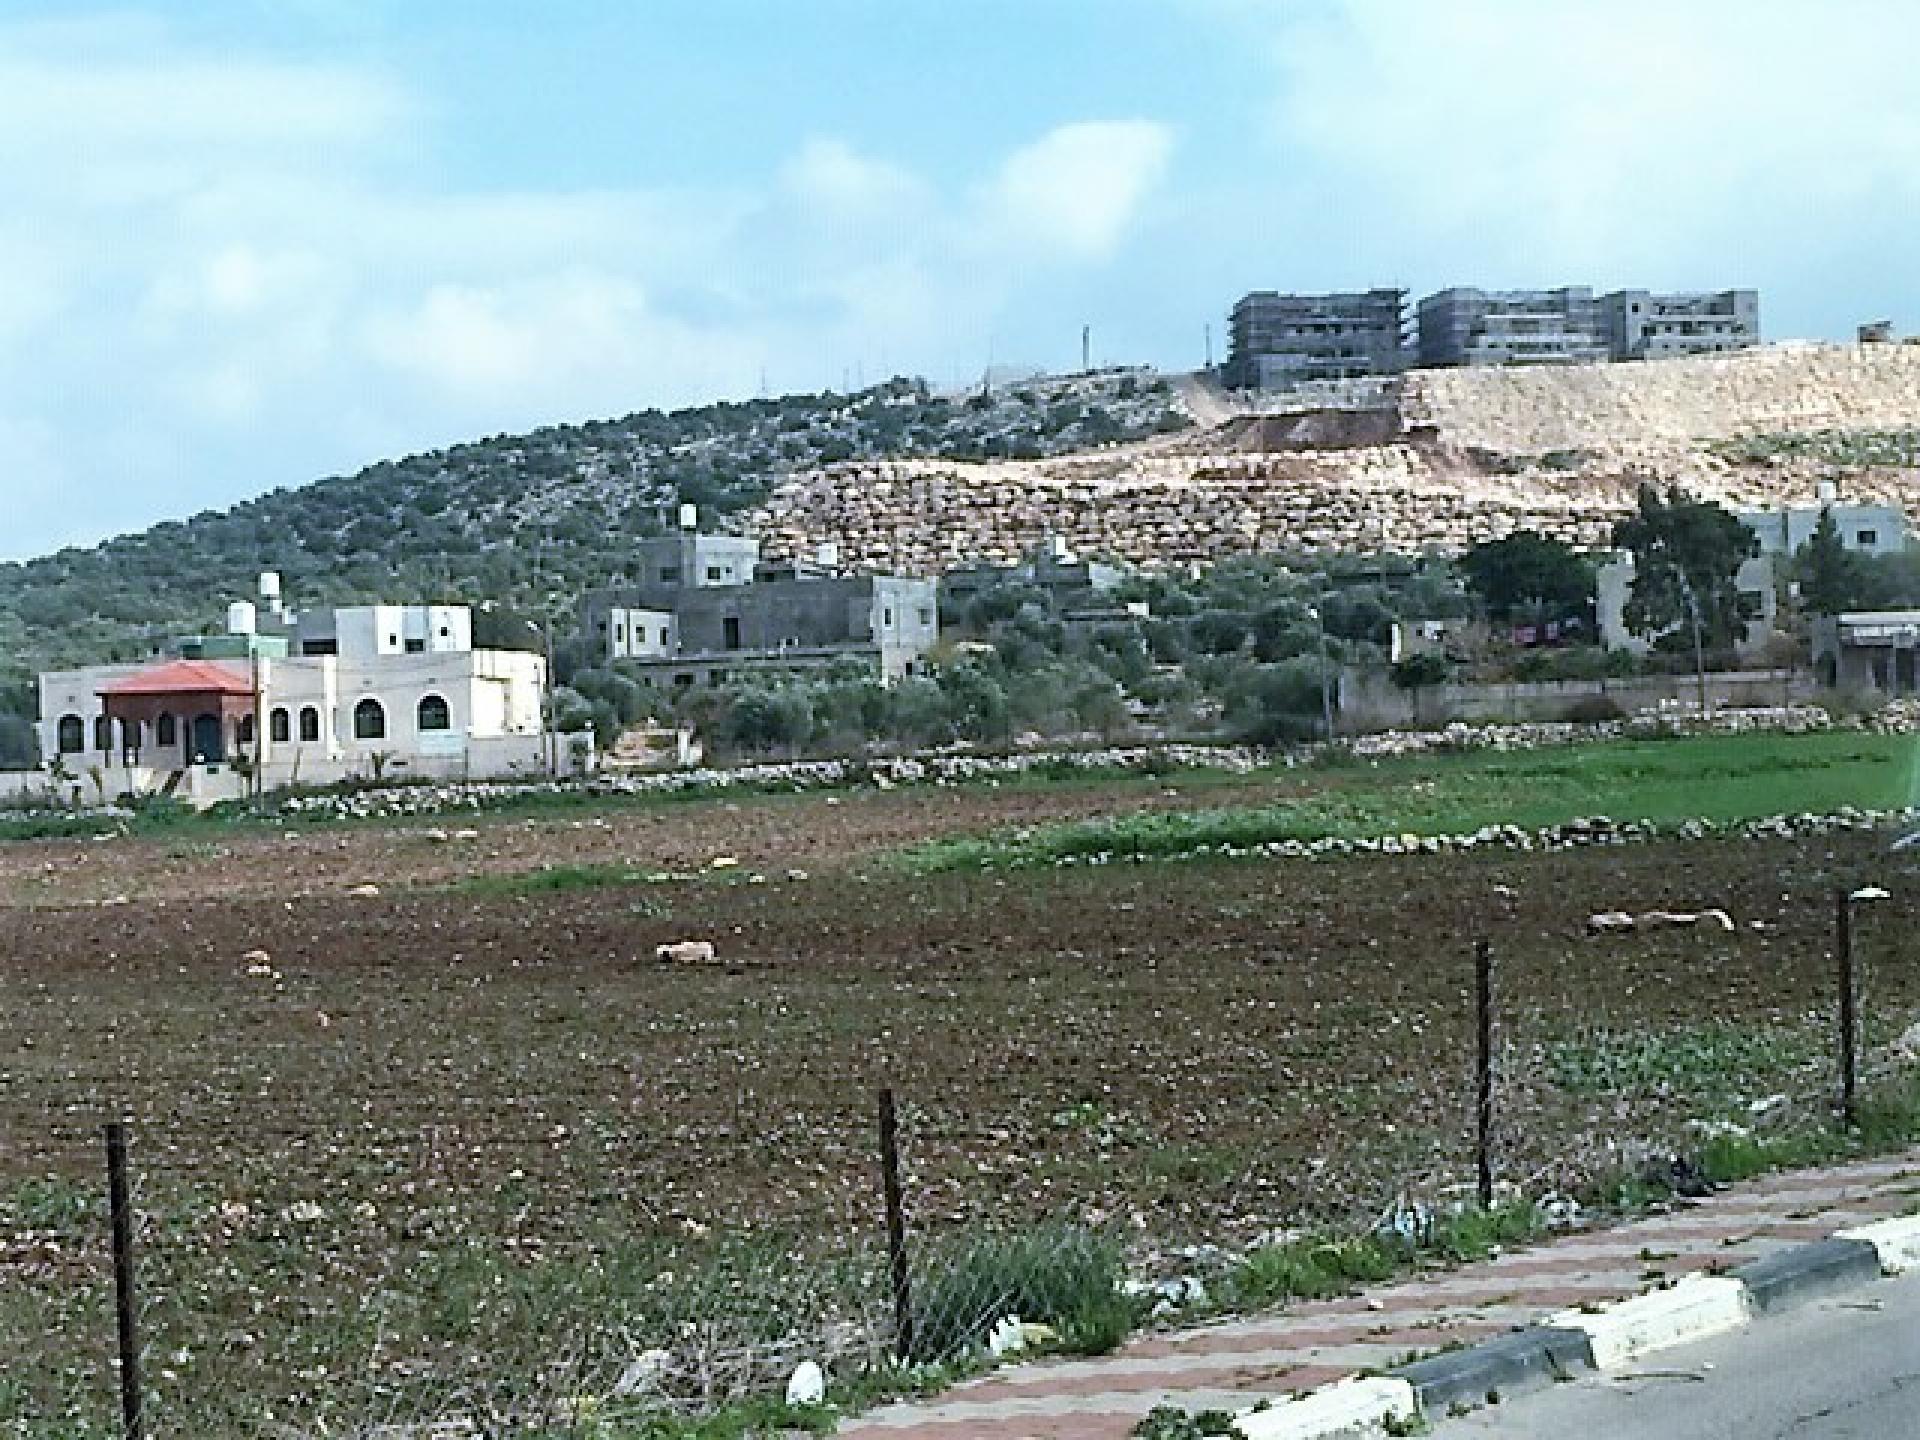 החומה מגיעה  ממש עד בתי הכפר דיר בלוט